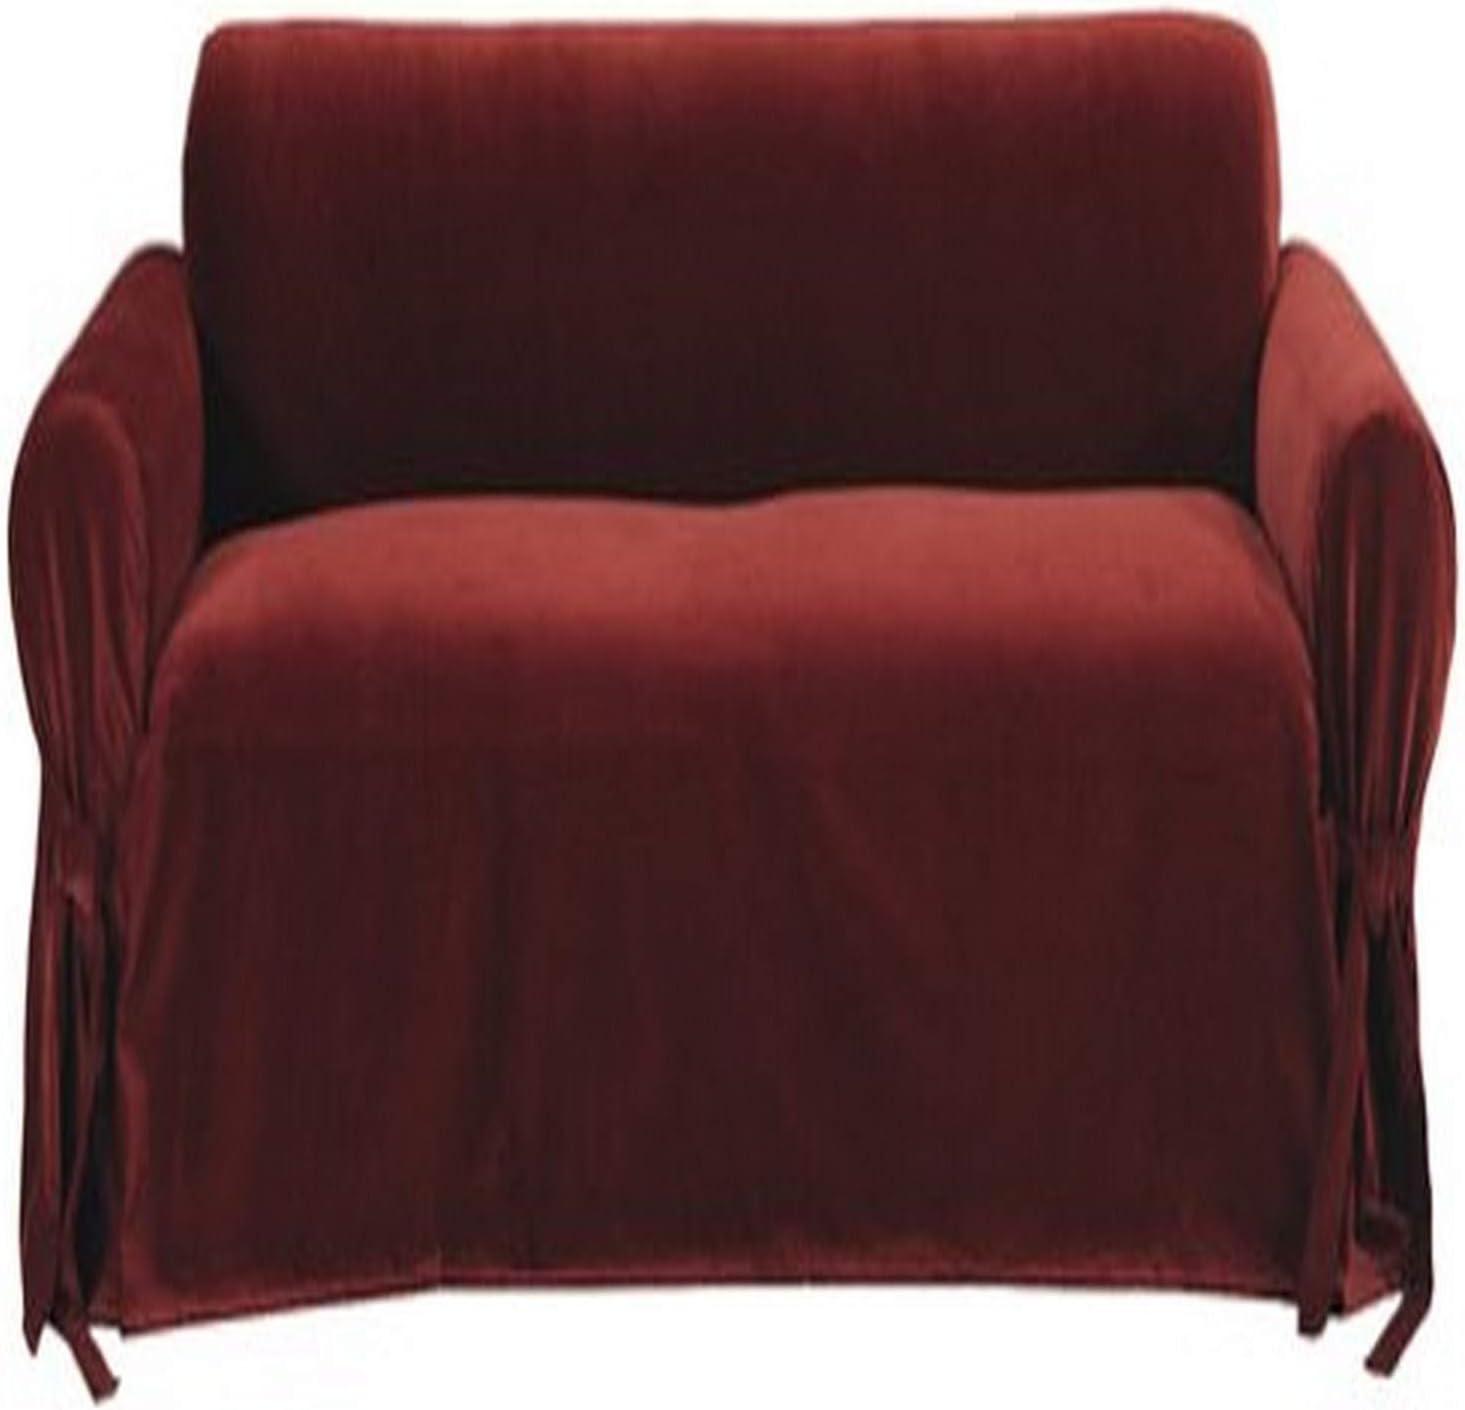 Classic Slipcovers Solid Velvet Sofa Slipcover, Burgundy